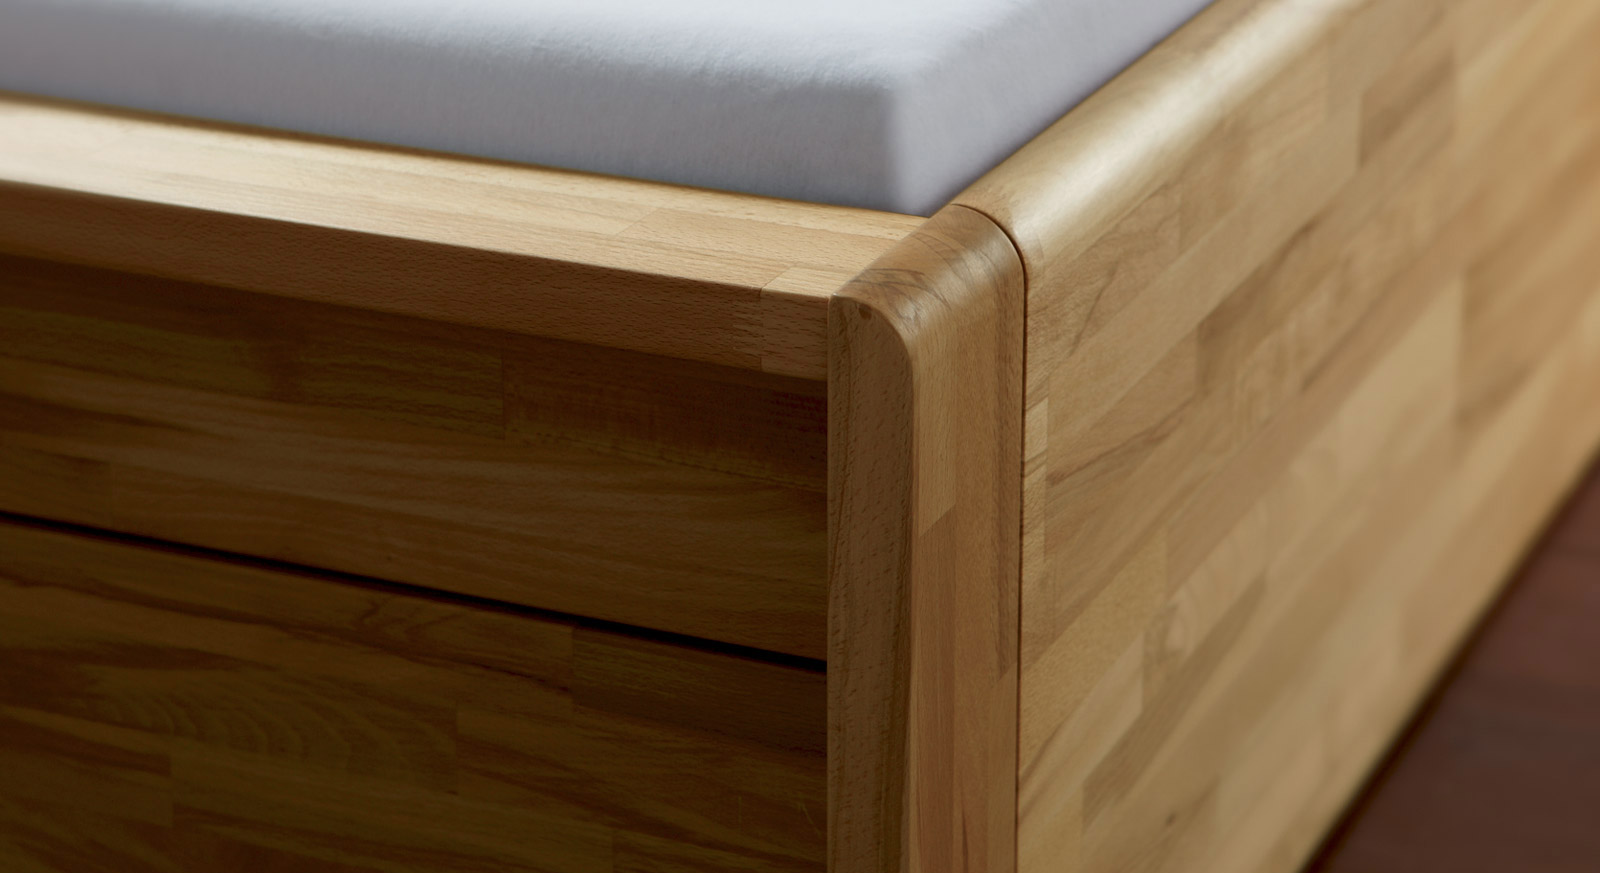 gro es bett mit stauraum. Black Bedroom Furniture Sets. Home Design Ideas